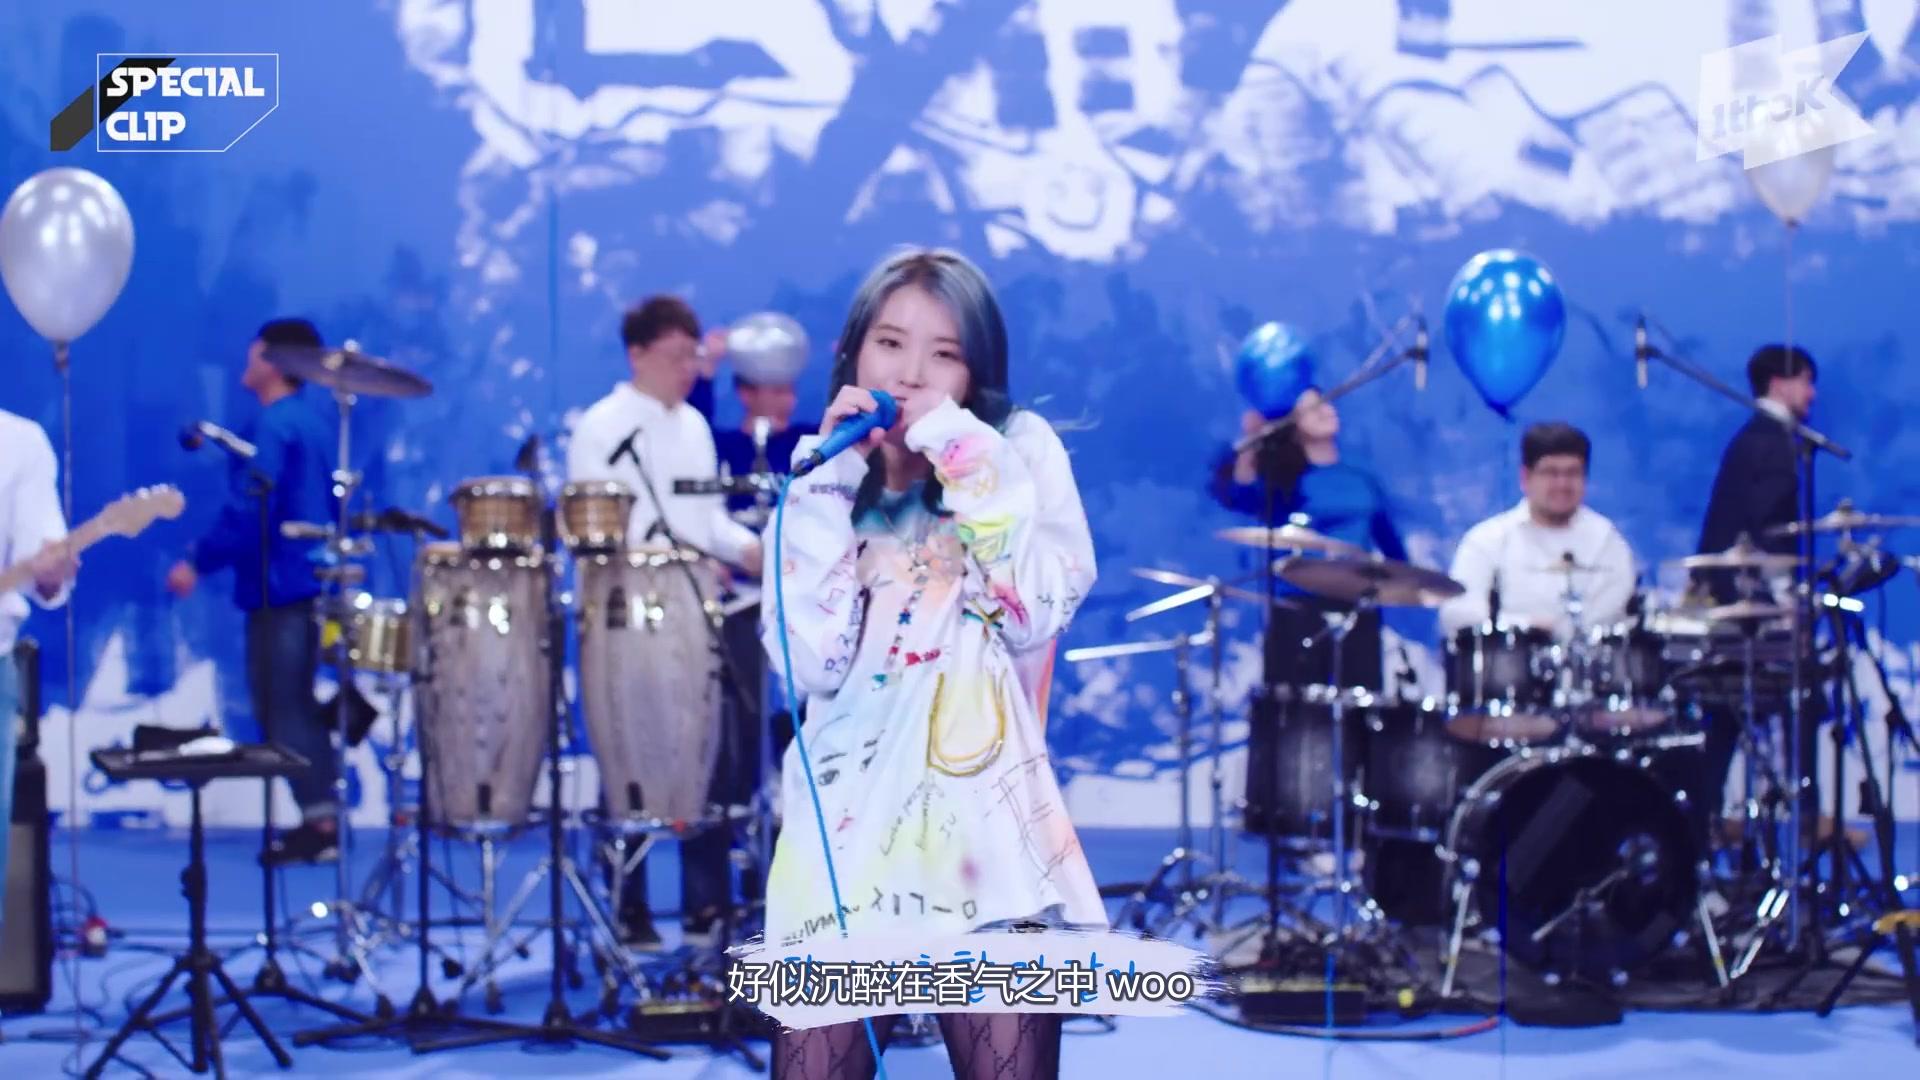 nba live 18 中文 版